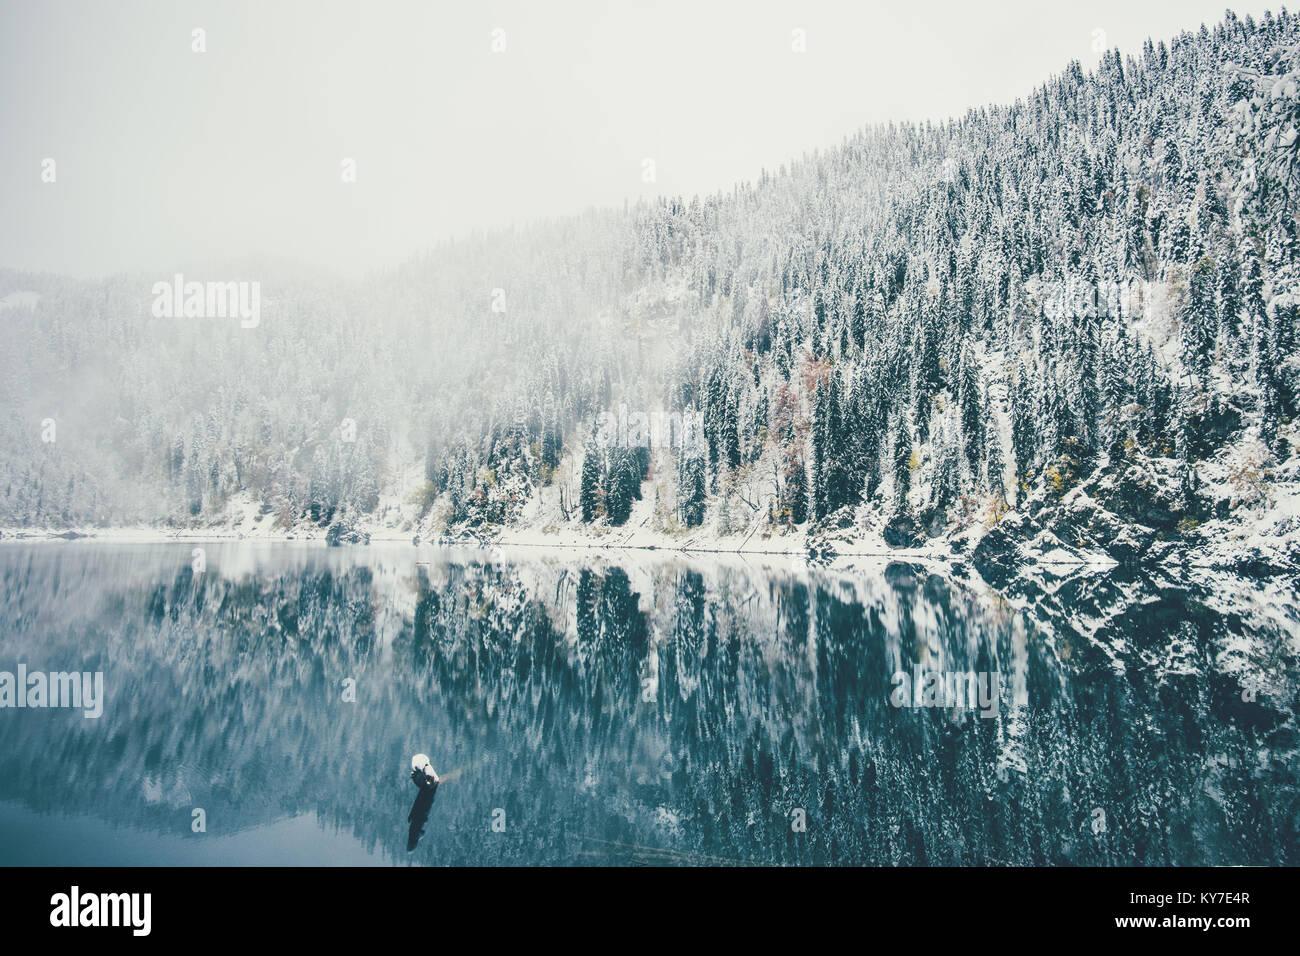 Inverno lago innevato e la foresta di conifere paesaggio foggy viaggio sereno vista panoramica Immagini Stock